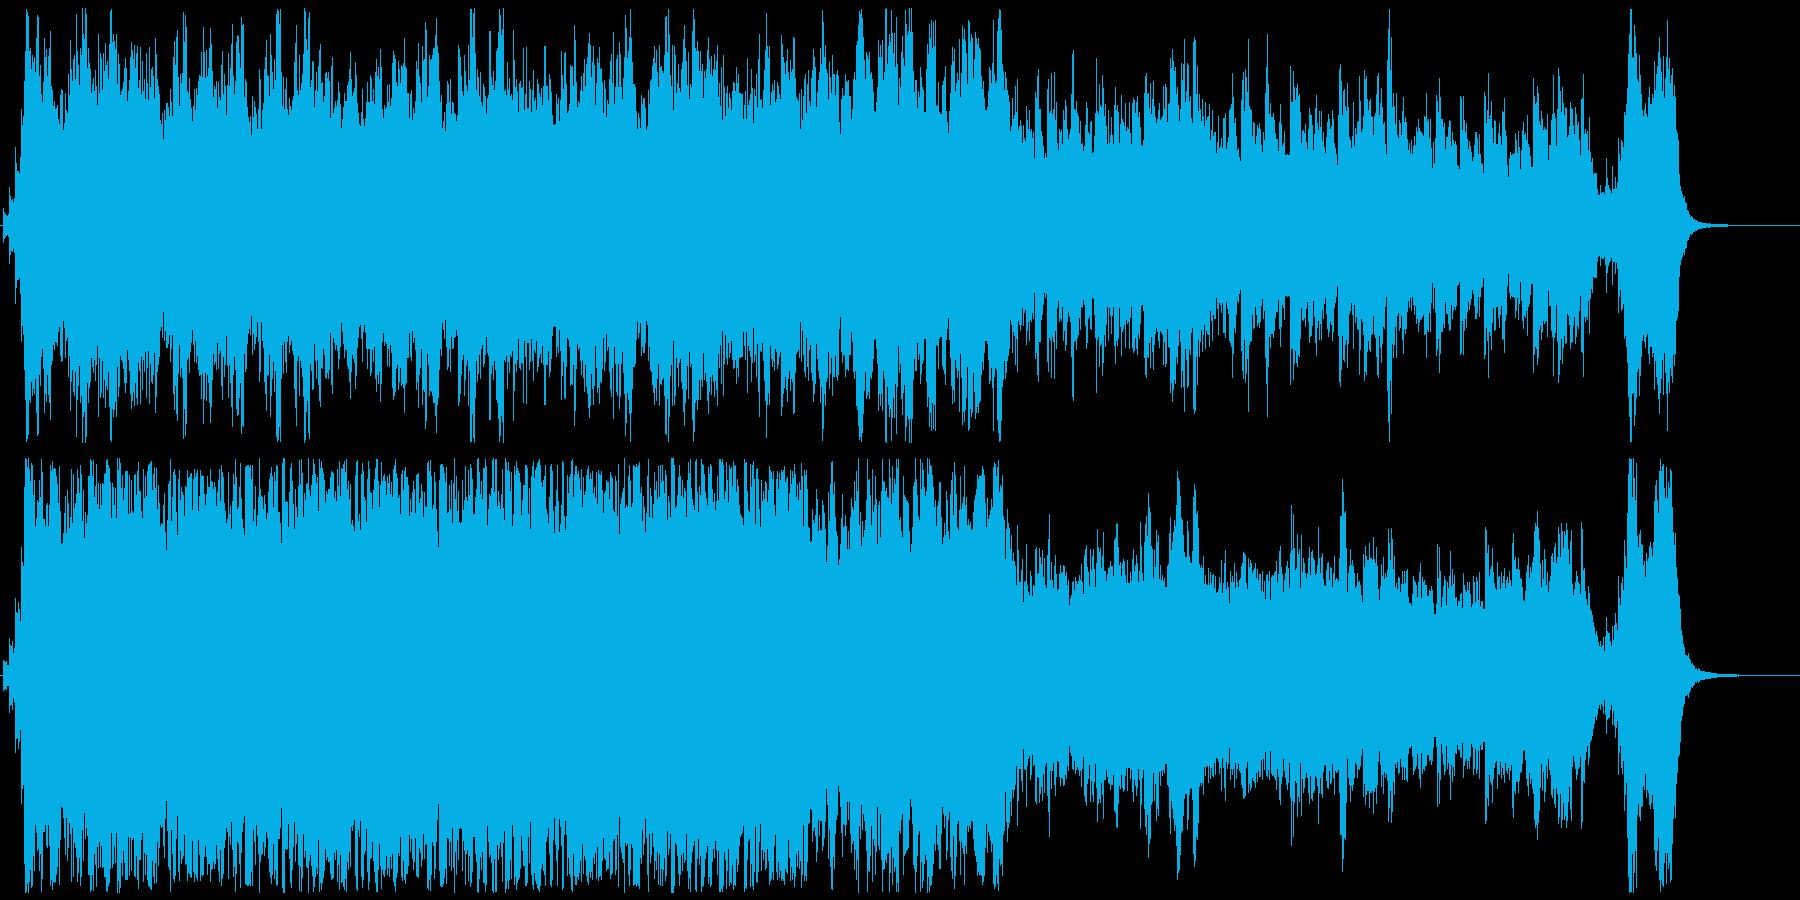 ハリウッド映画風の壮大なオーケストラ2Bの再生済みの波形